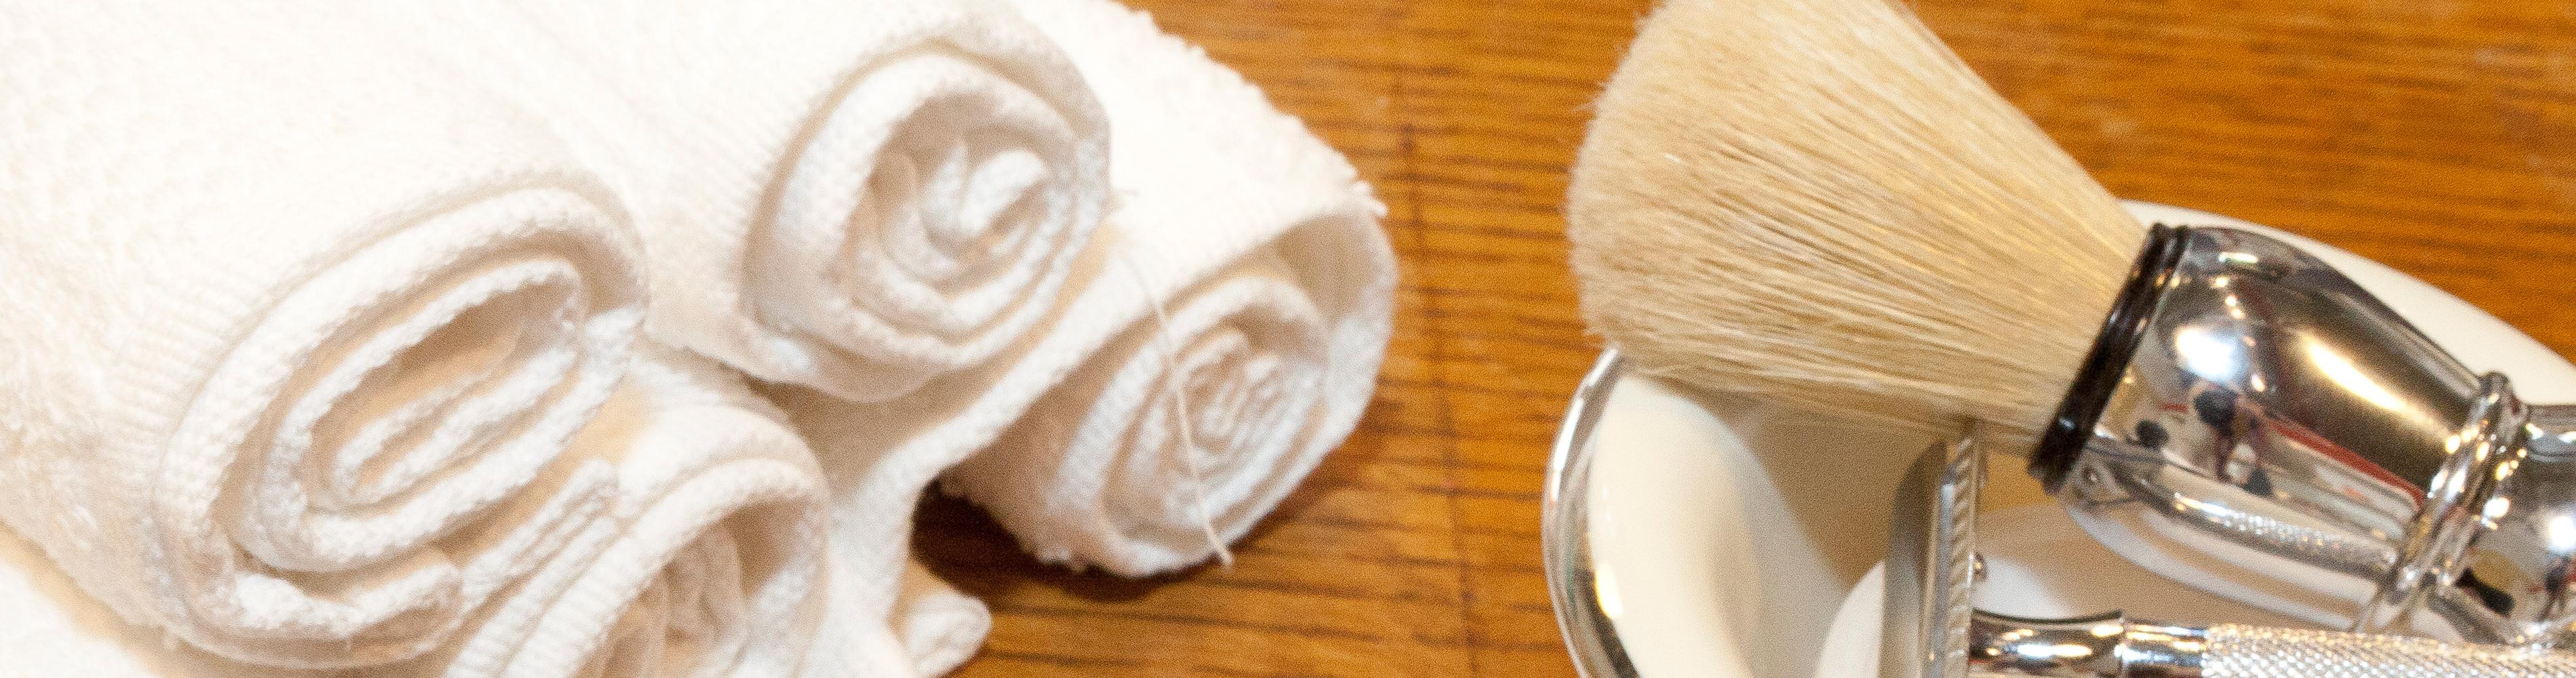 Hoe gebruik en onderhoud je een scheerkwast?